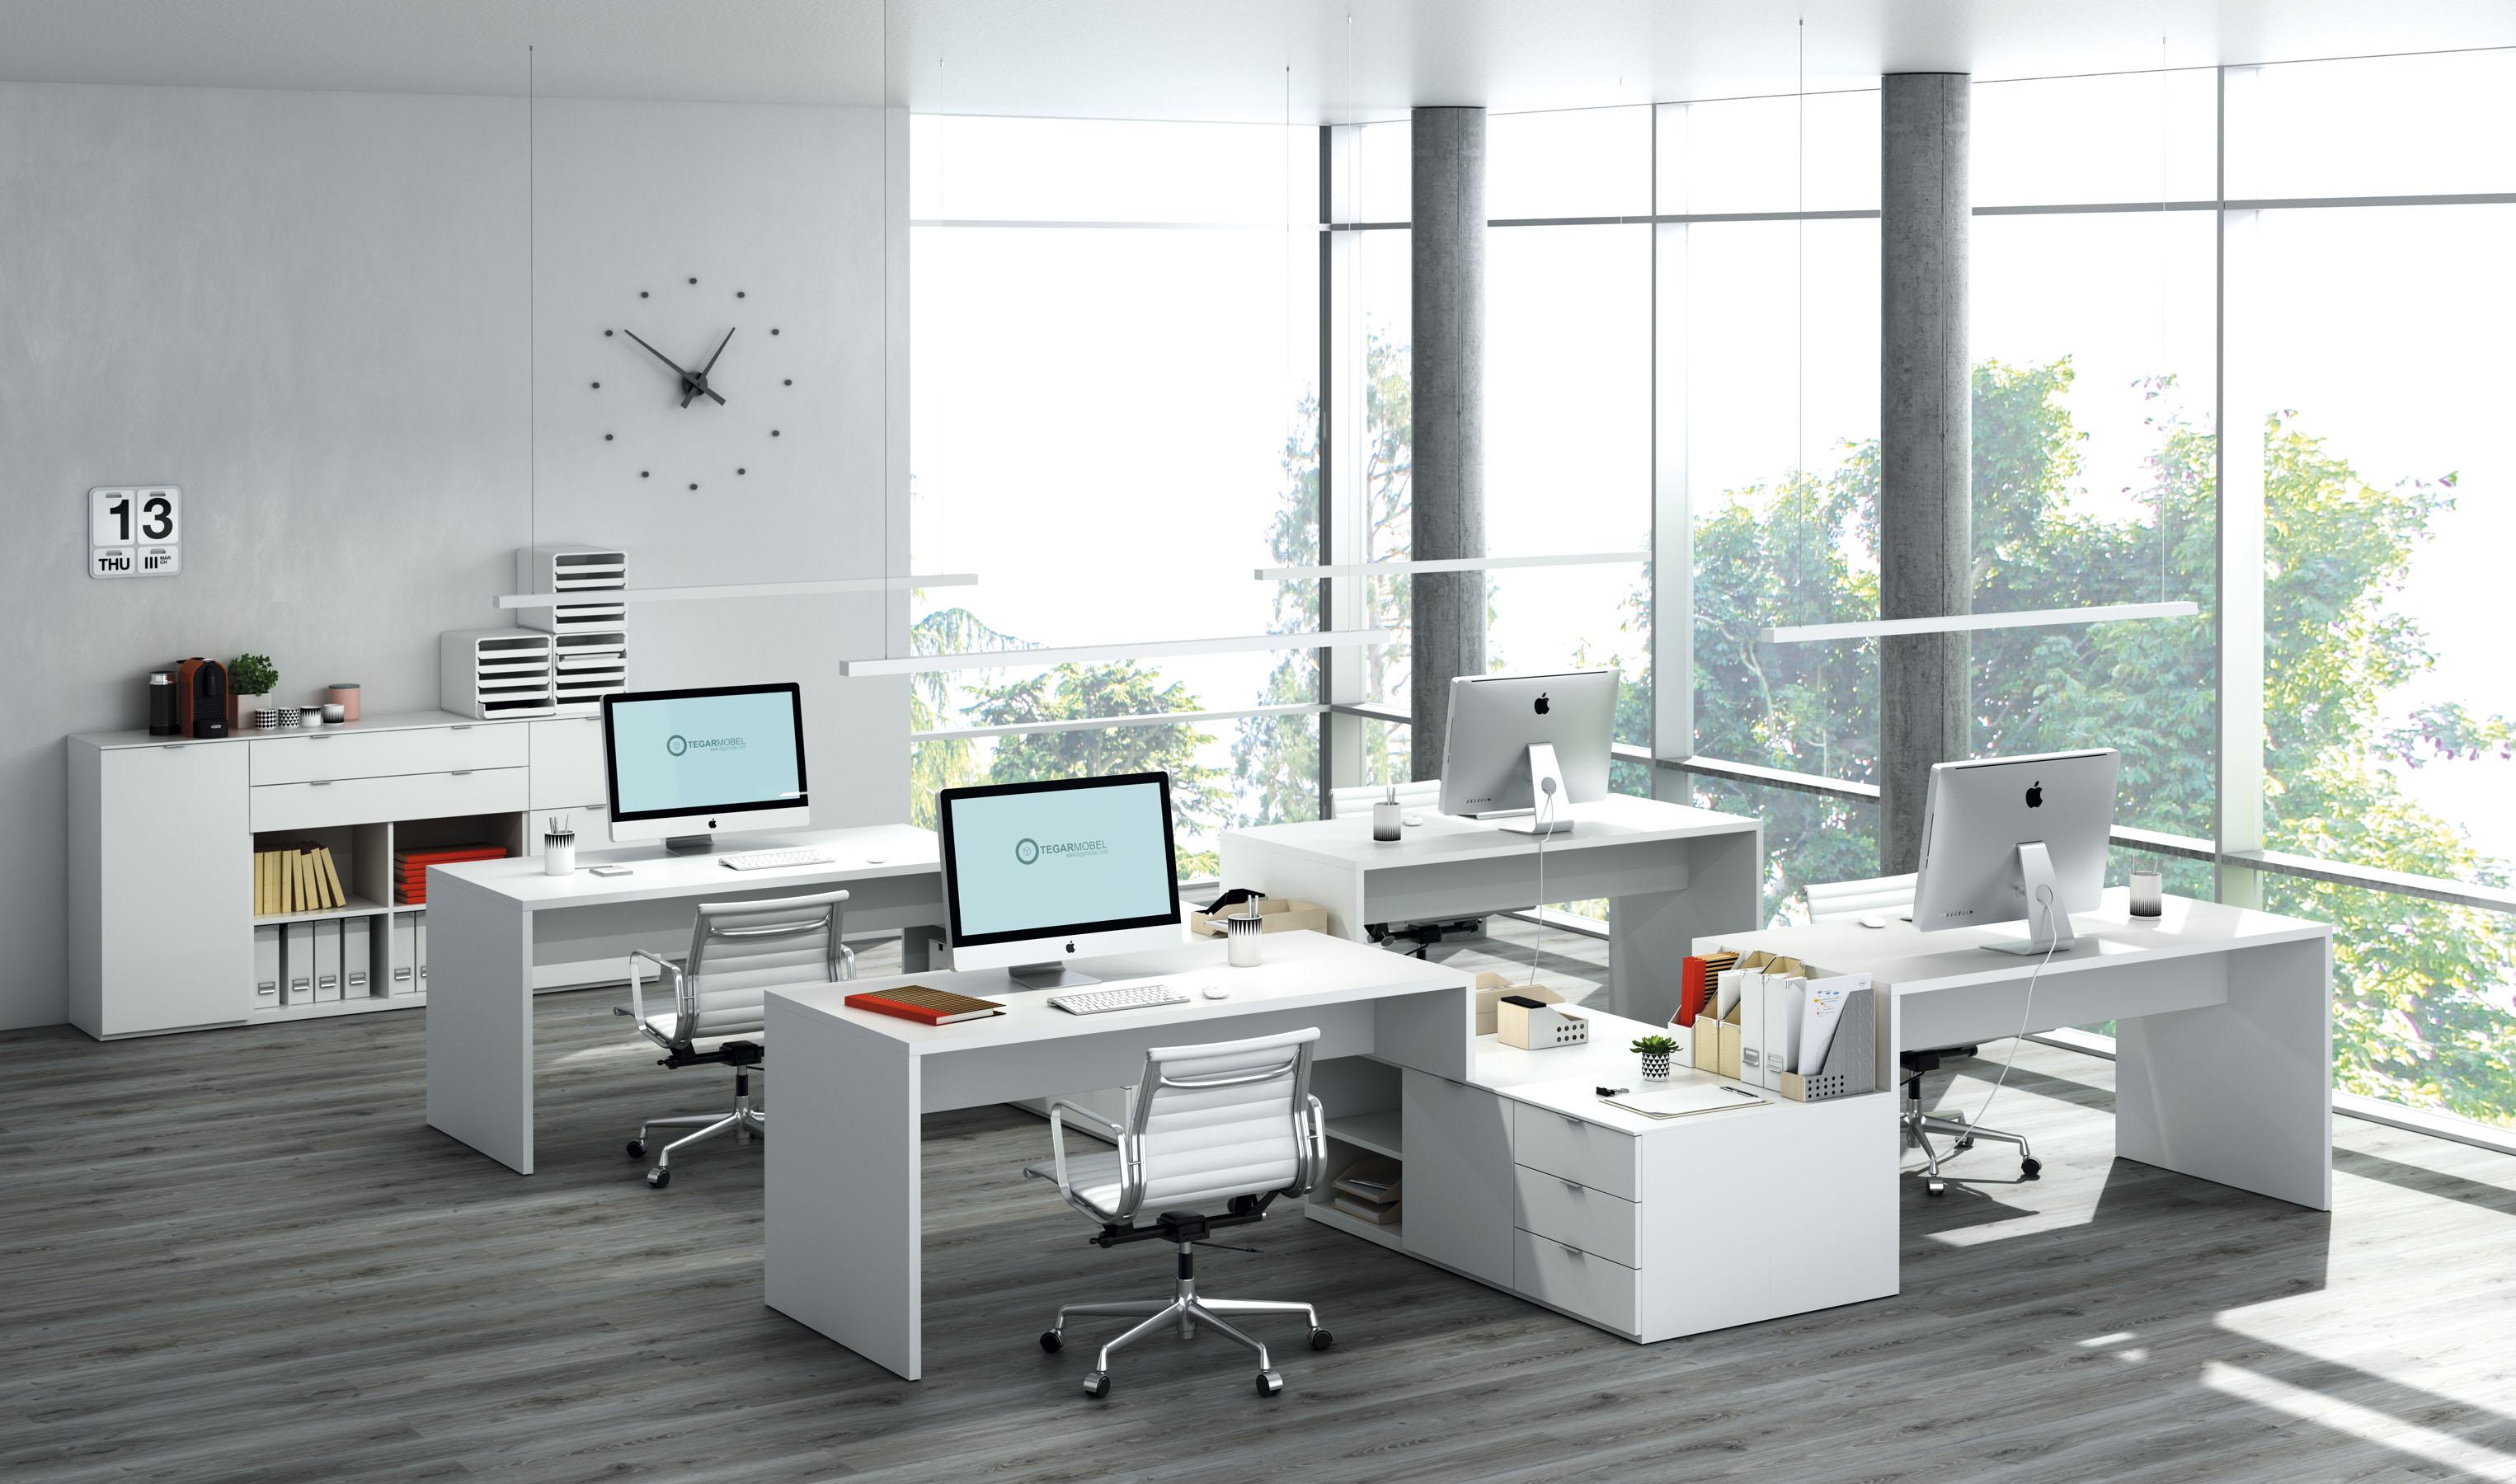 Oficinas qb tegar for Imagenes de oficinas de lujo